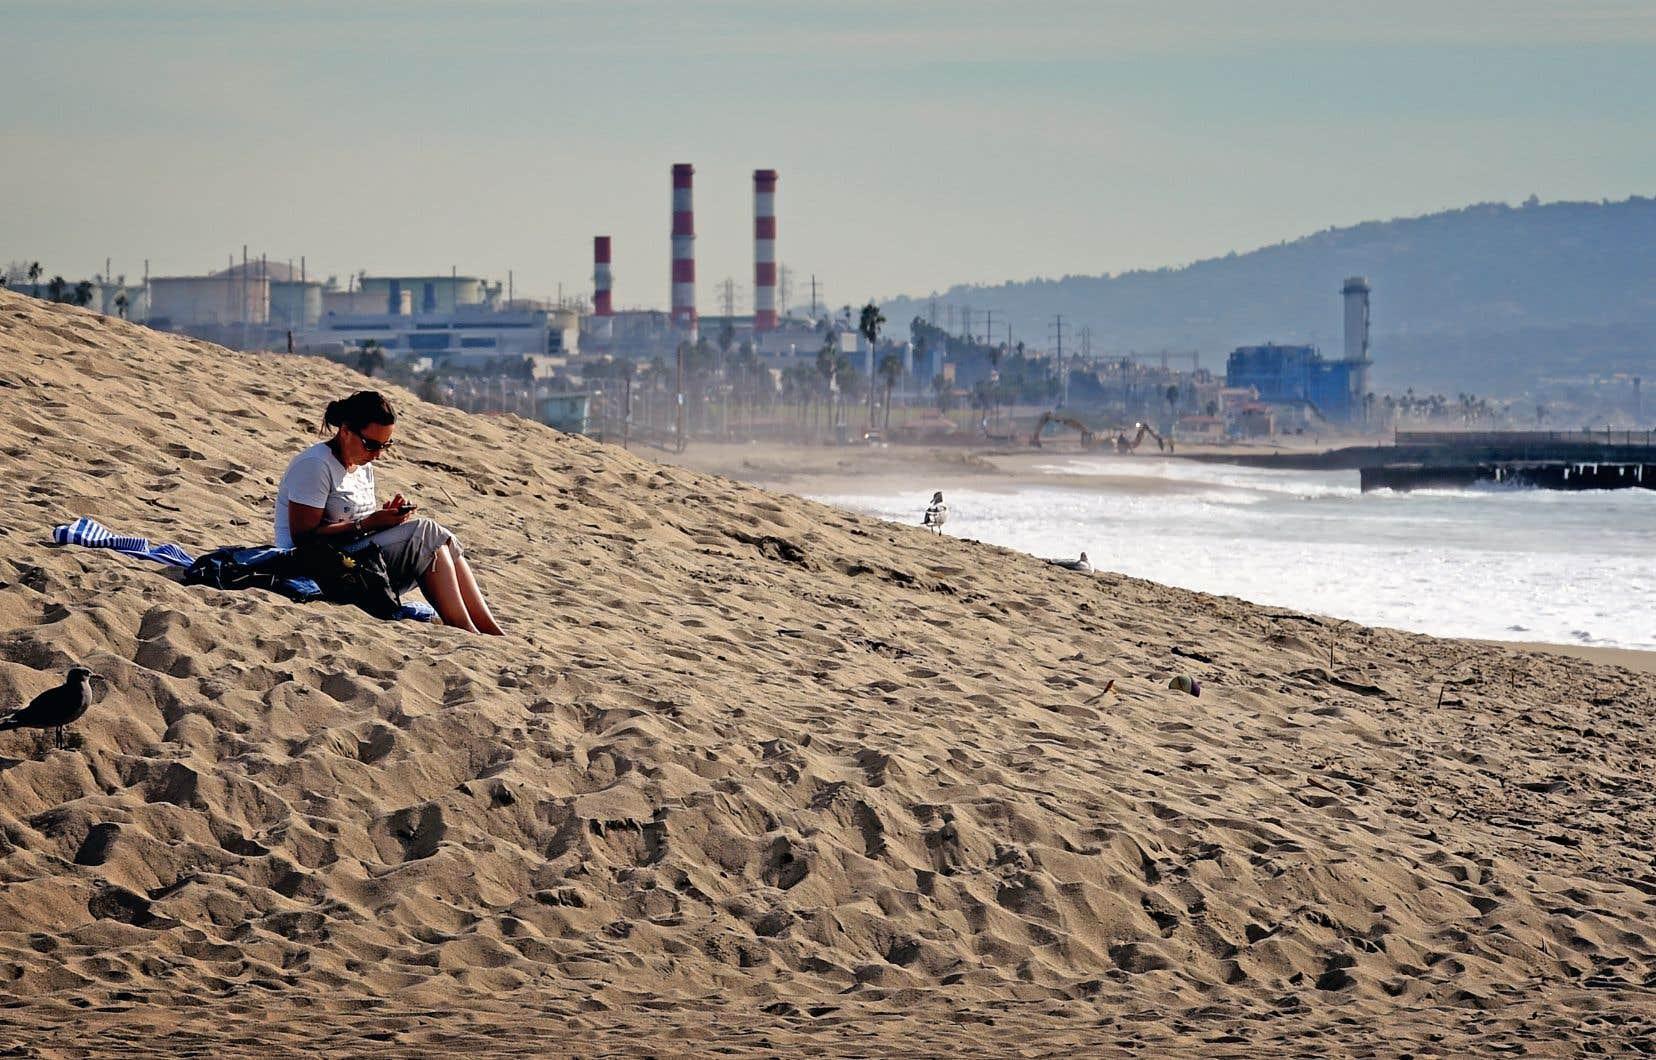 Une femme à la plage Playa Del Rey, à Los Angeles, en Californie. La Californie n'en est pas à ses premières explorations extrafrontalières en matière de lutte contre les changements climatiques.